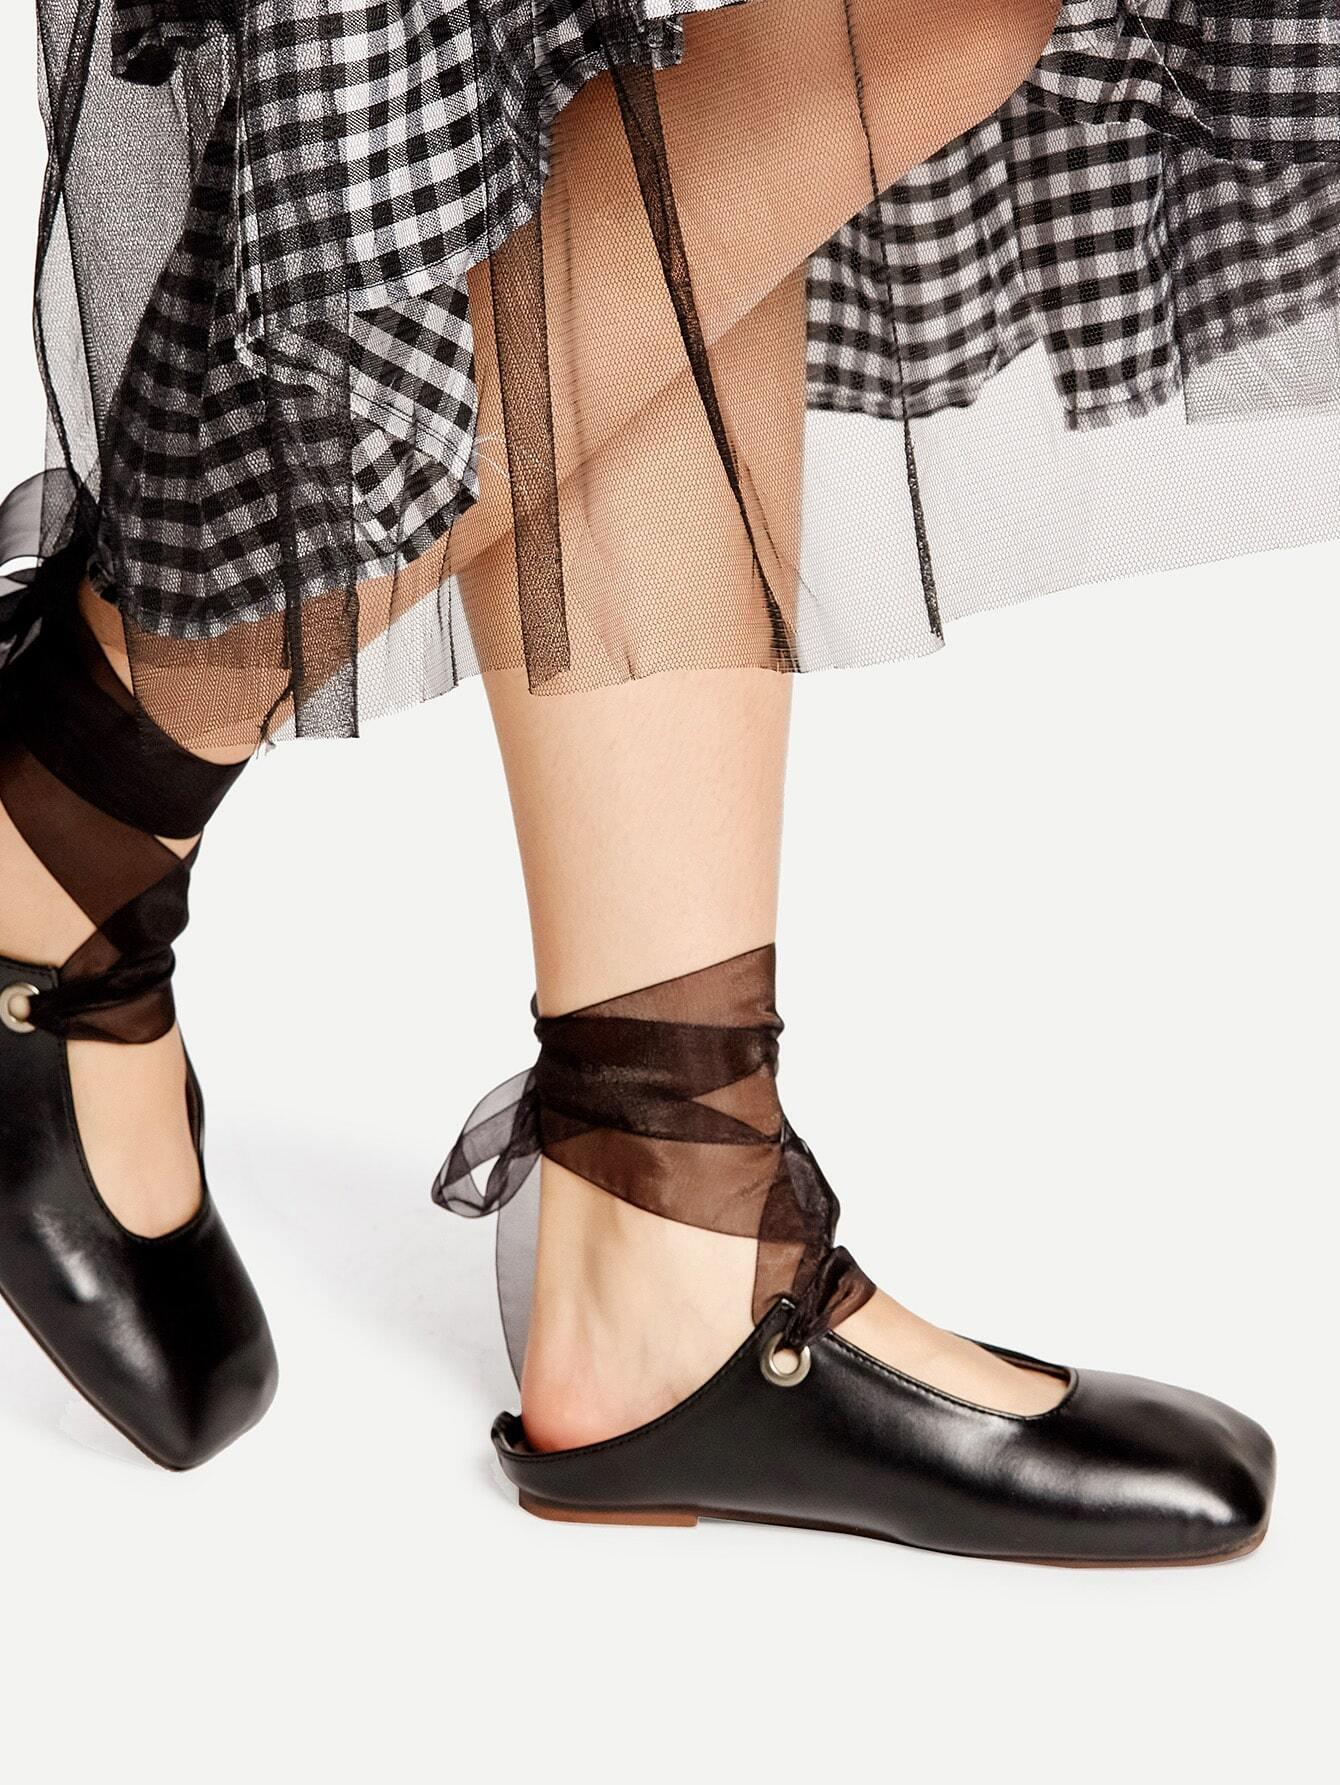 shoes170322813_2